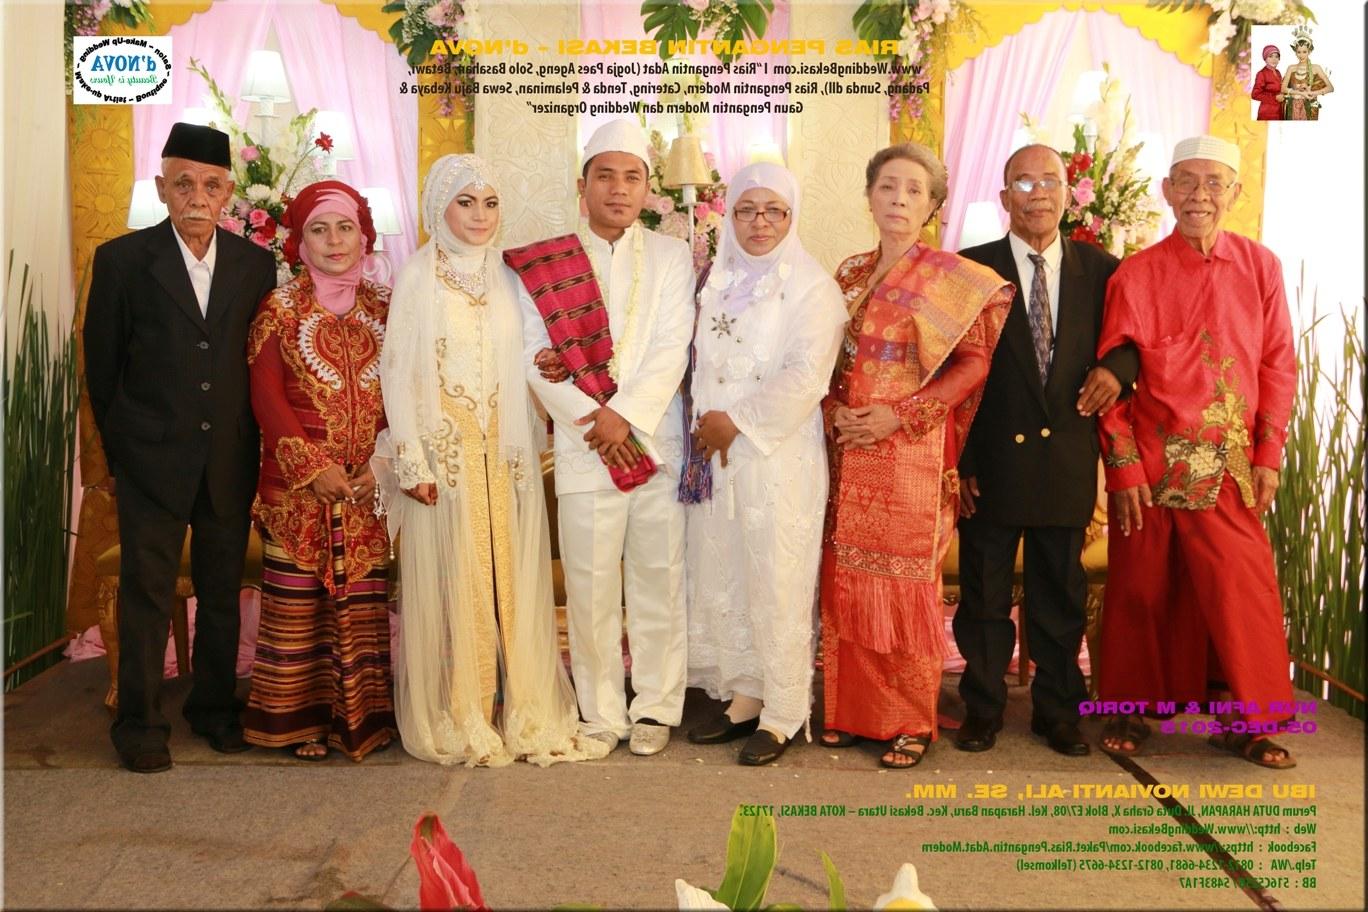 Bentuk Sewa Gaun Pengantin Muslimah Di Bekasi 4pde Rias Pengantin Muslimah Bekasi by Rias Pengantin Bekasi